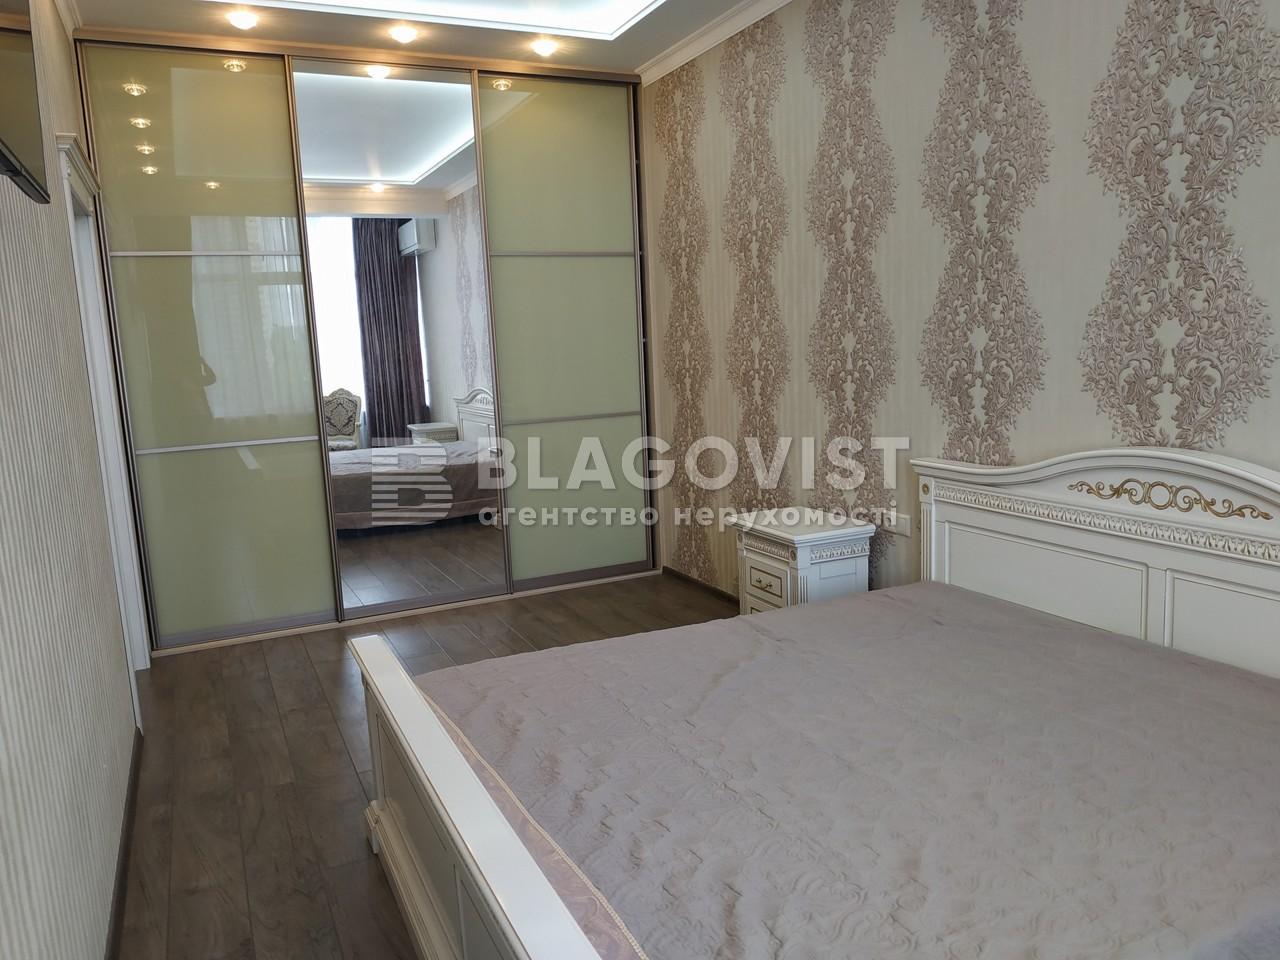 Квартира Z-633897, Коновальца Евгения (Щорса), 44а, Киев - Фото 12